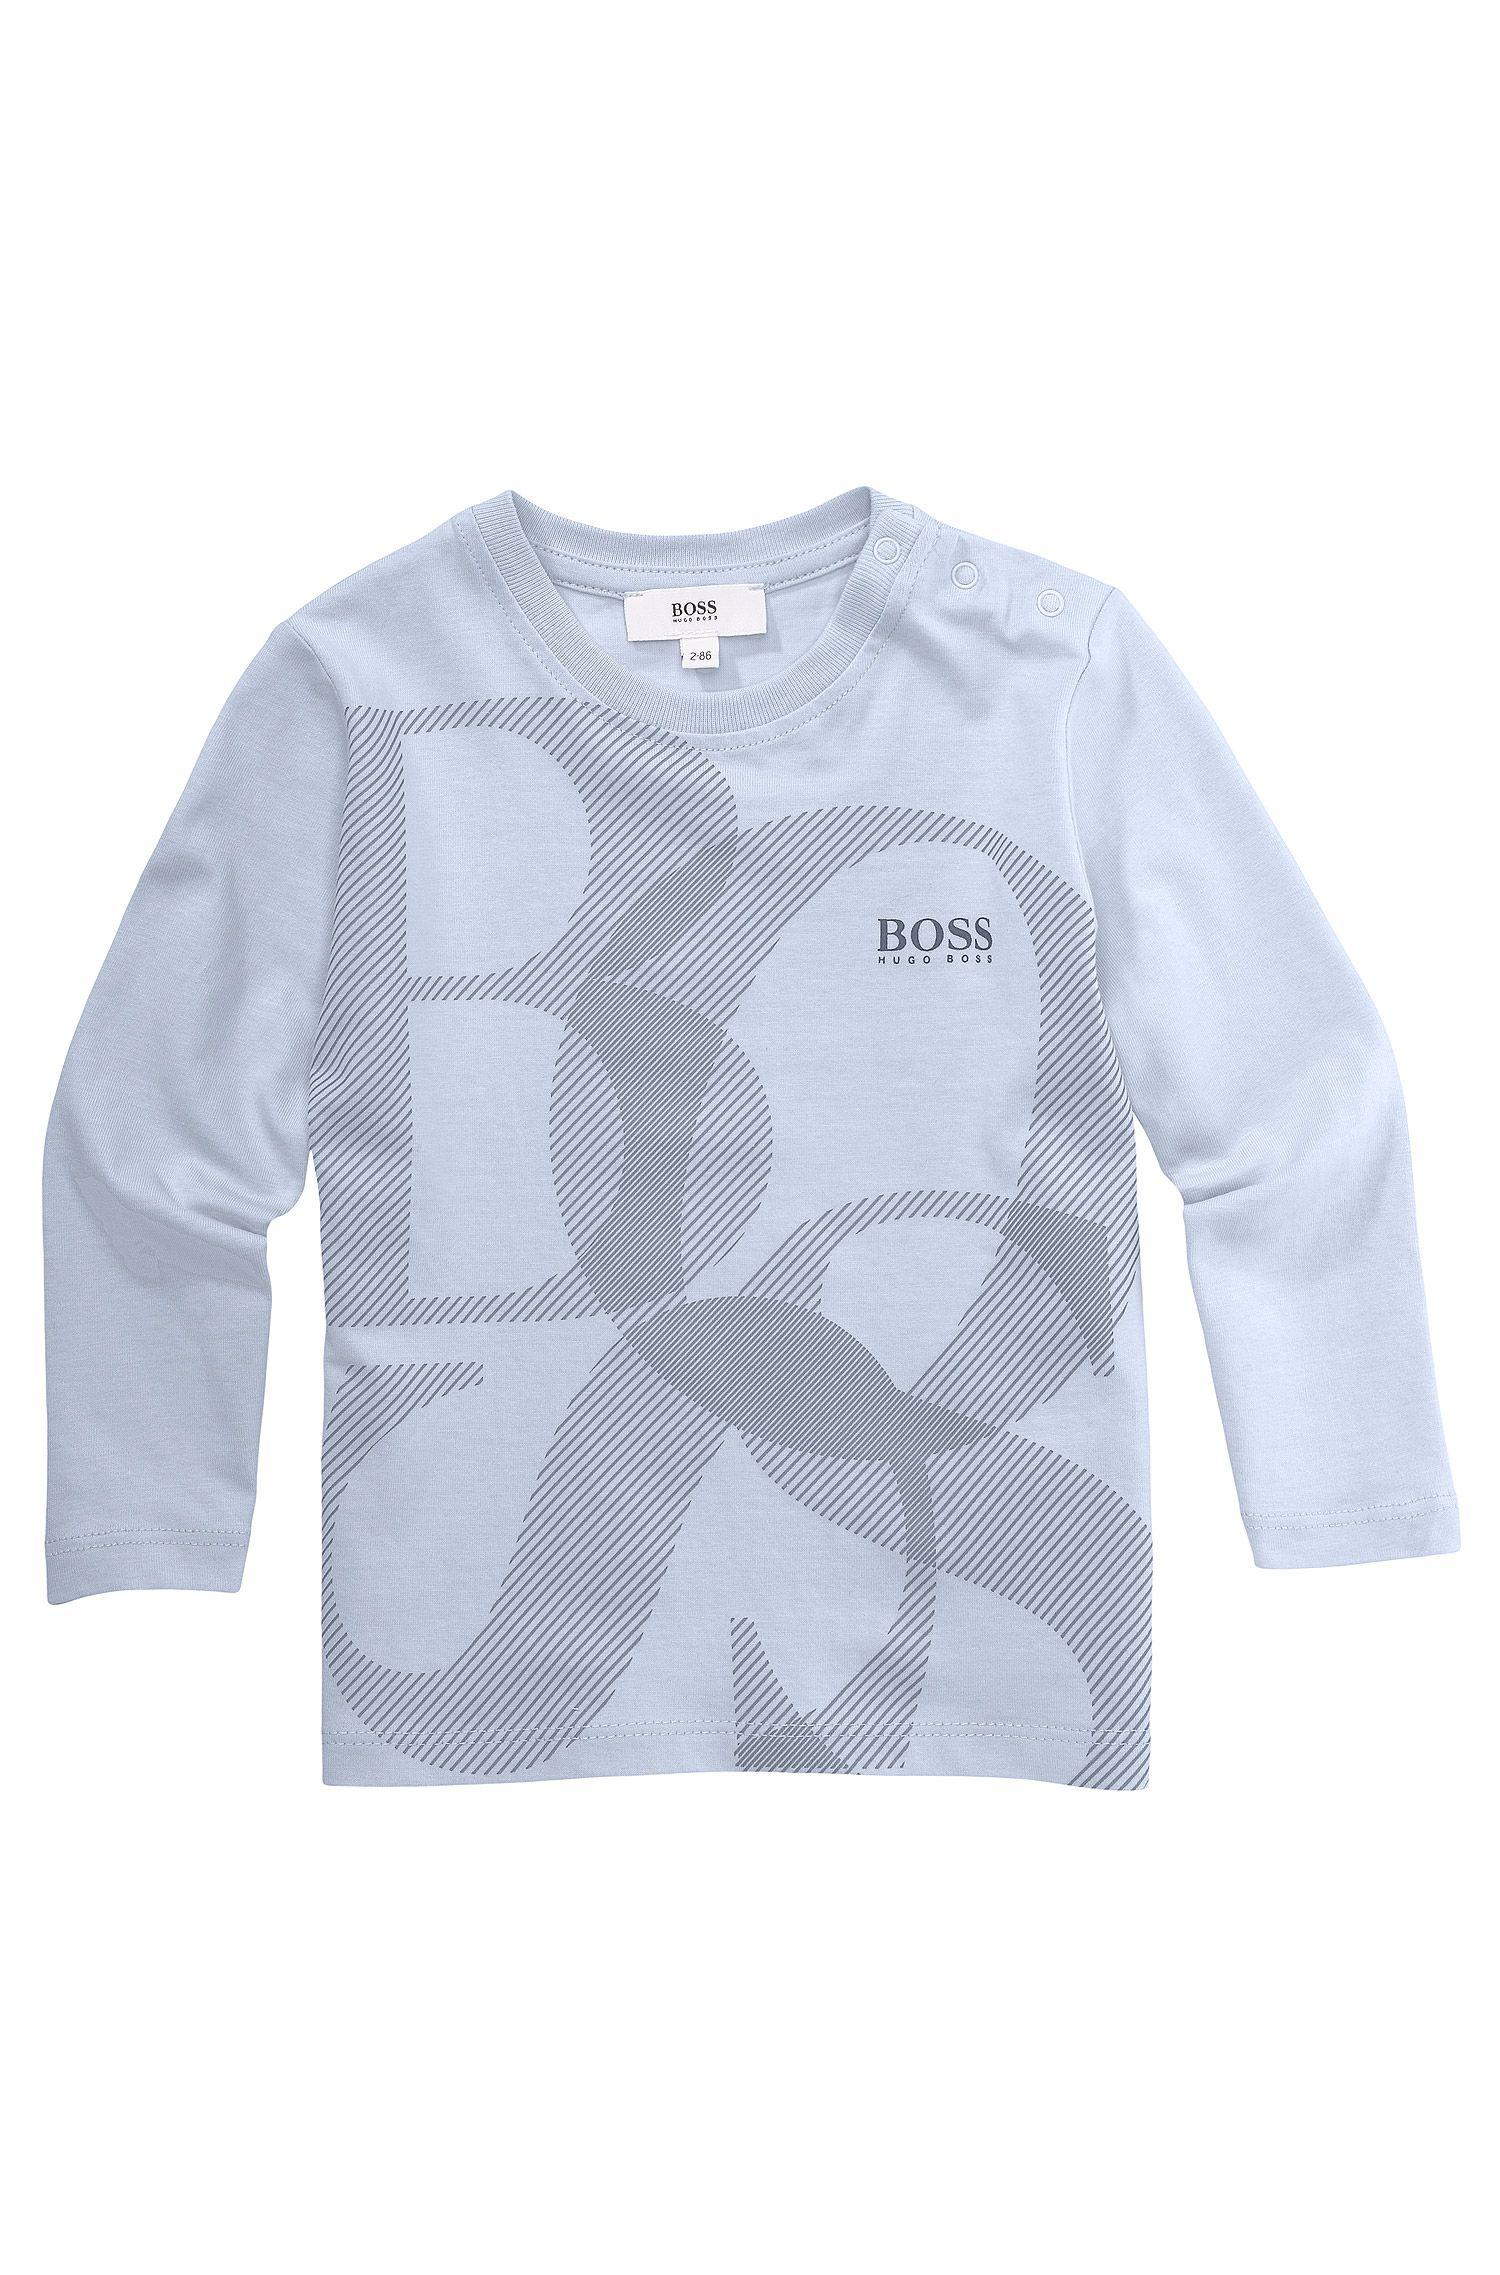 T-shirt à manches longues pour enfant «J05314» en coton